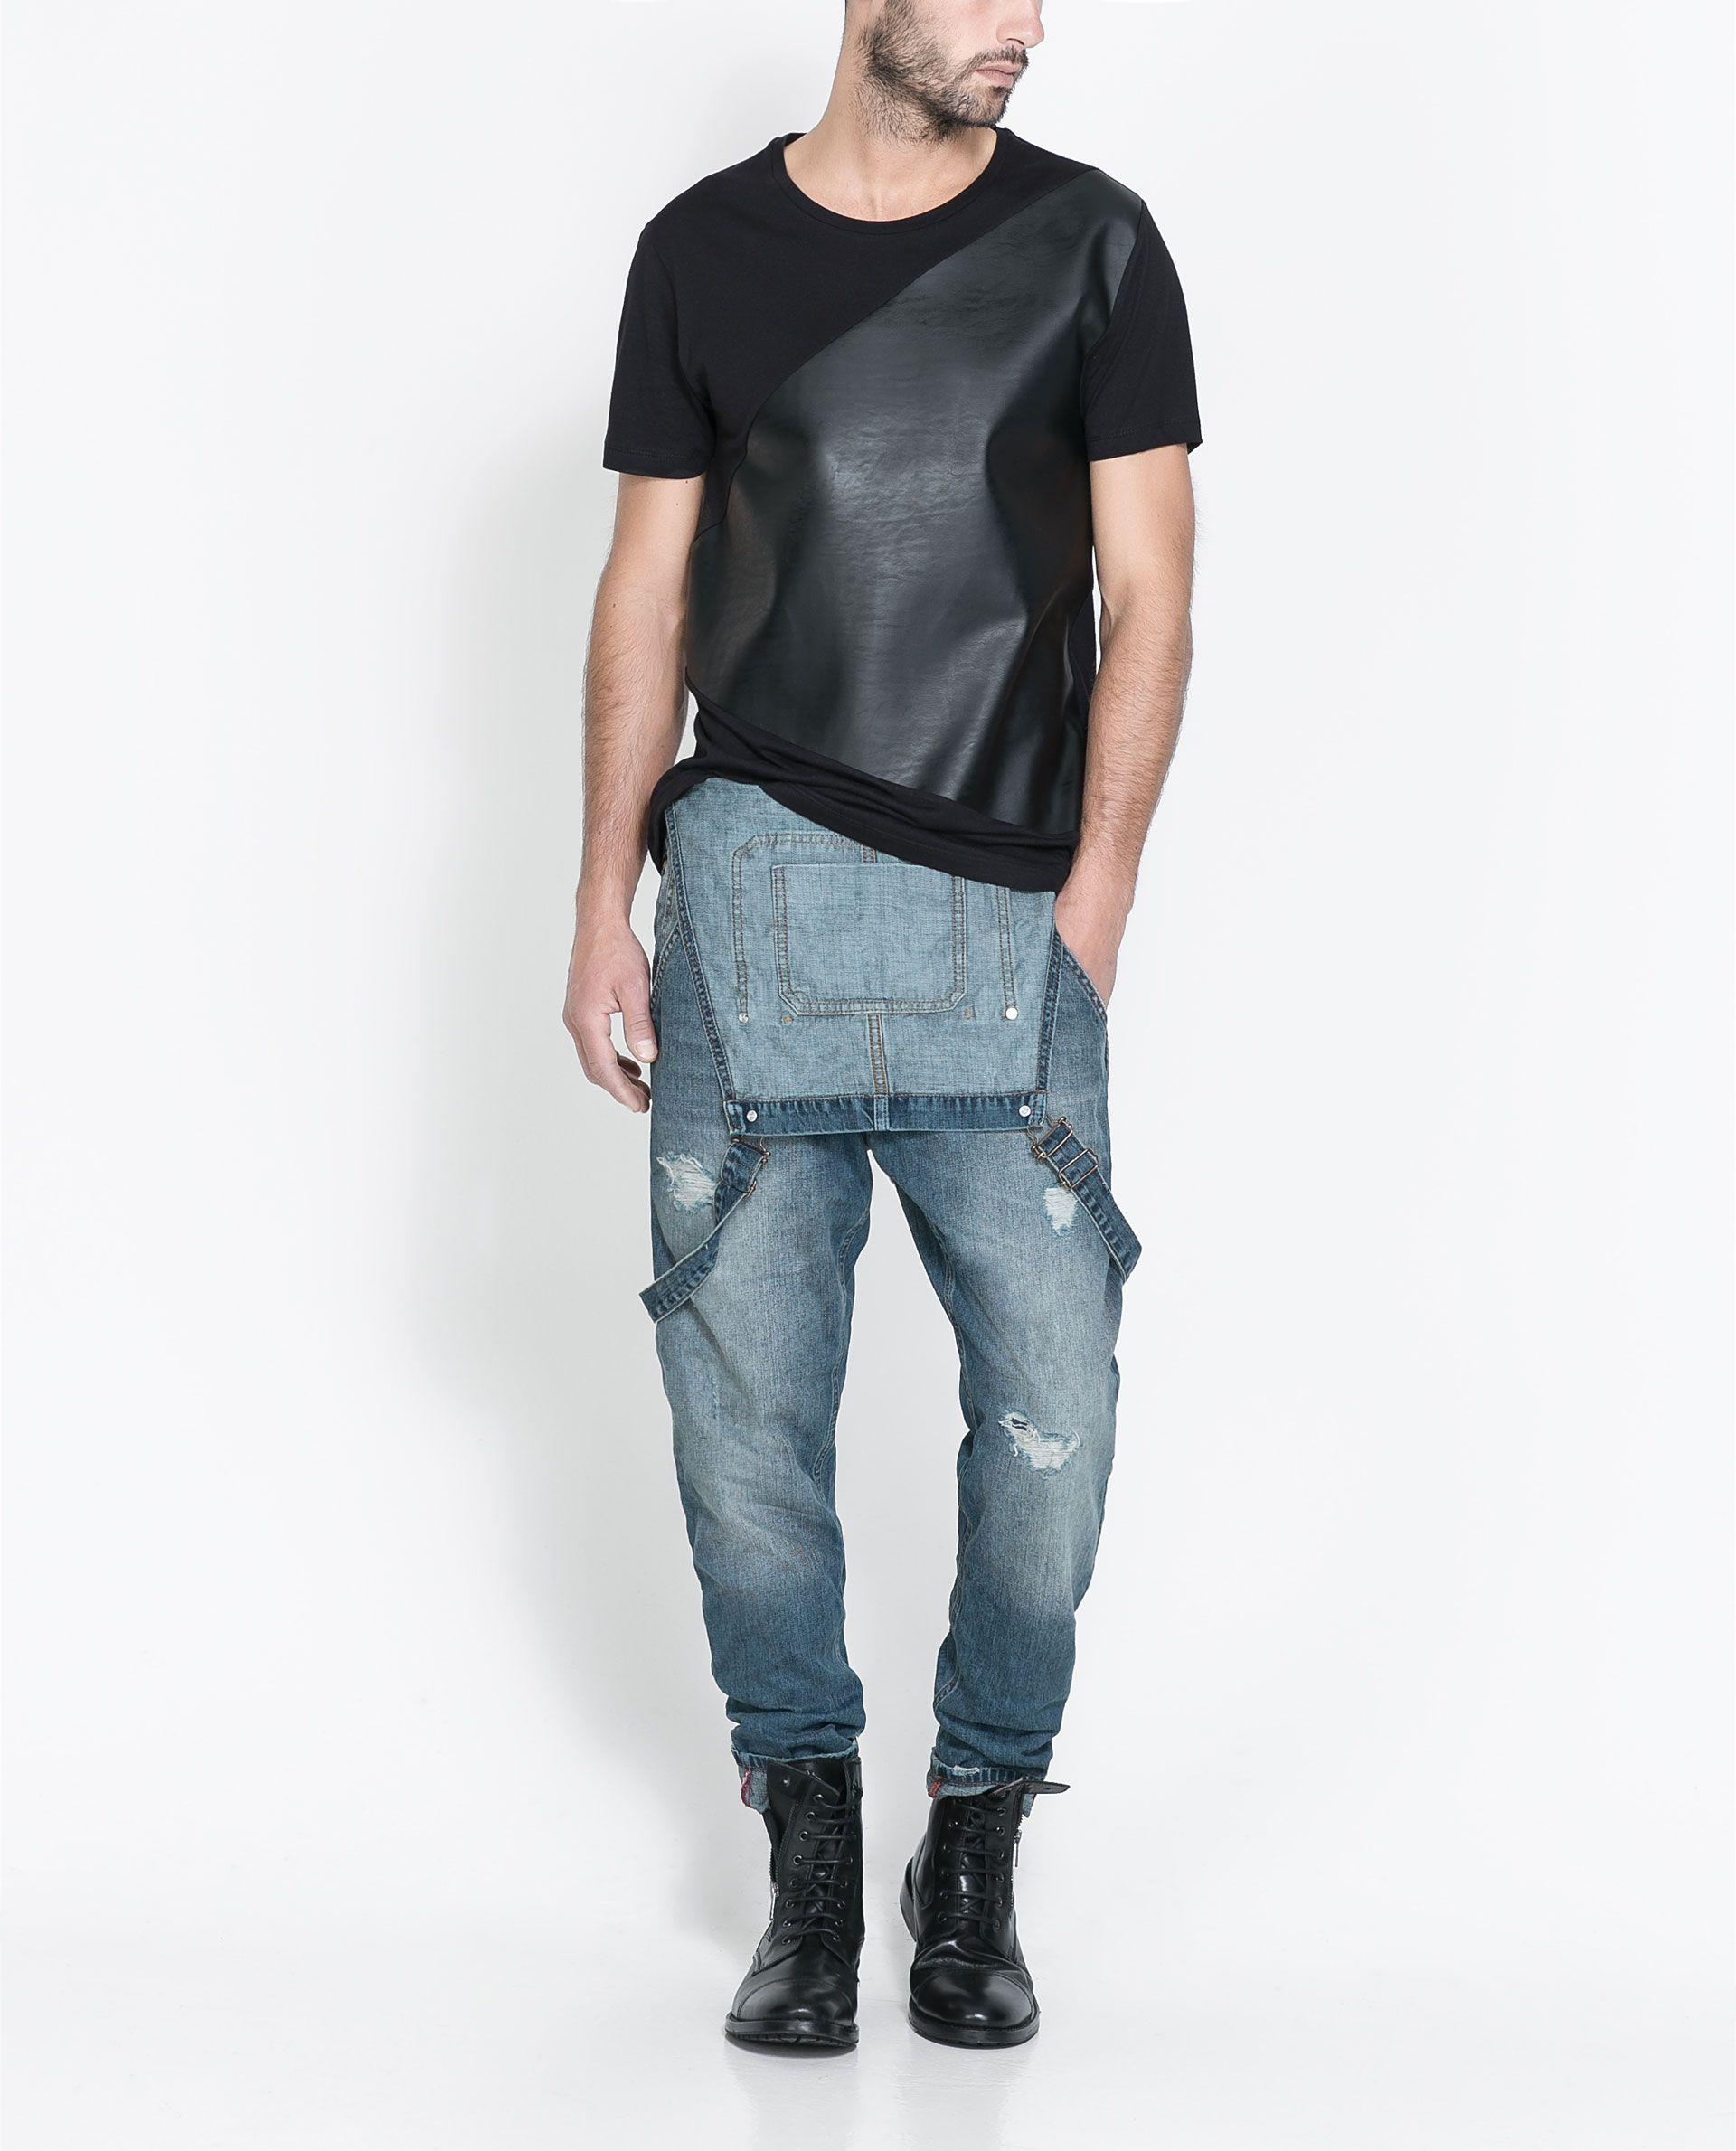 salopette denim jeans homme zara france kibzshera pinterest jeans hommes denim jean. Black Bedroom Furniture Sets. Home Design Ideas